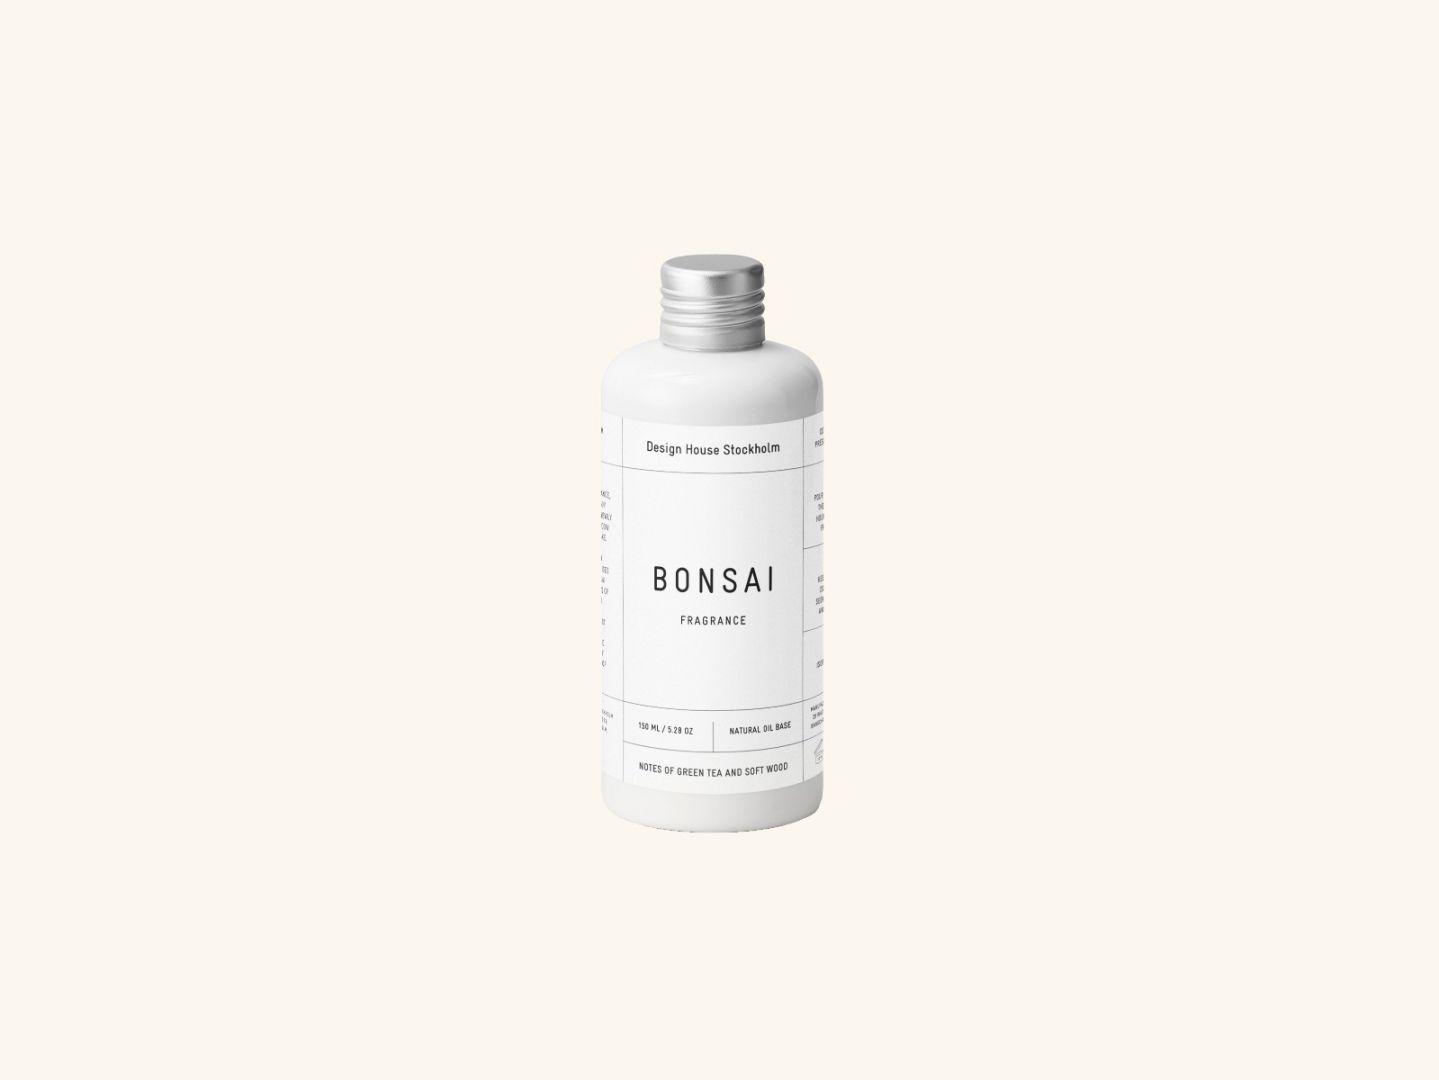 Bonsai Fragrance